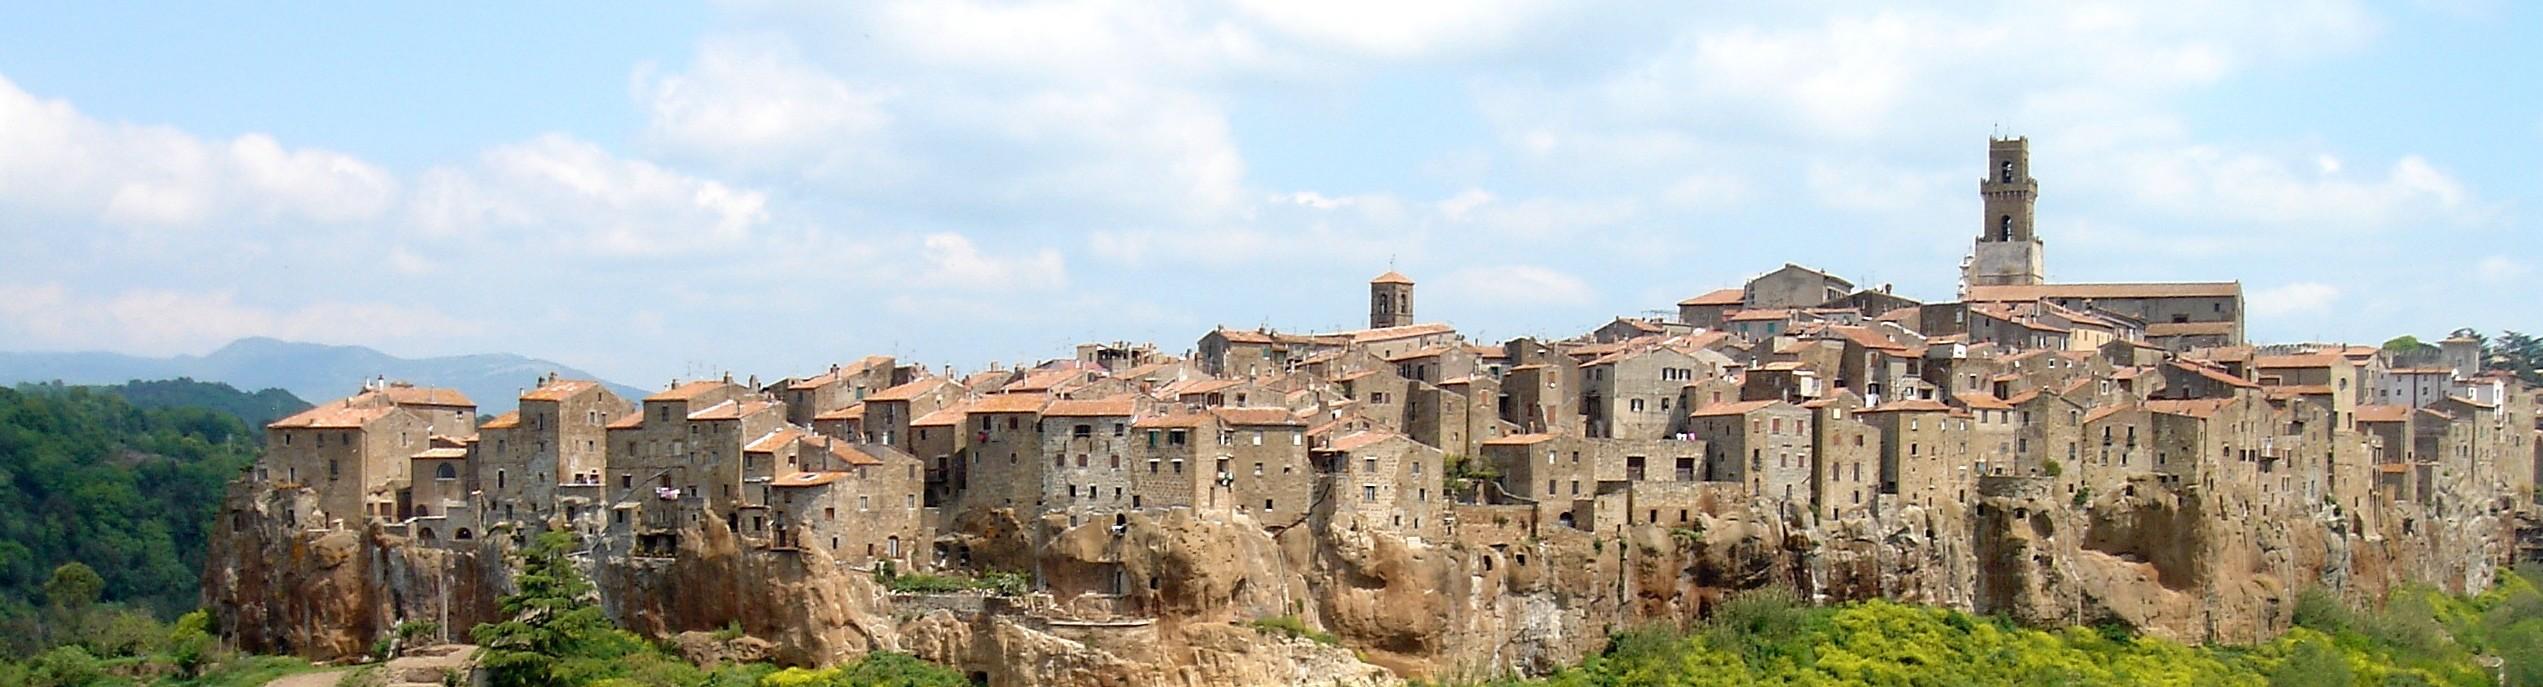 Pitigliano_Italië-1